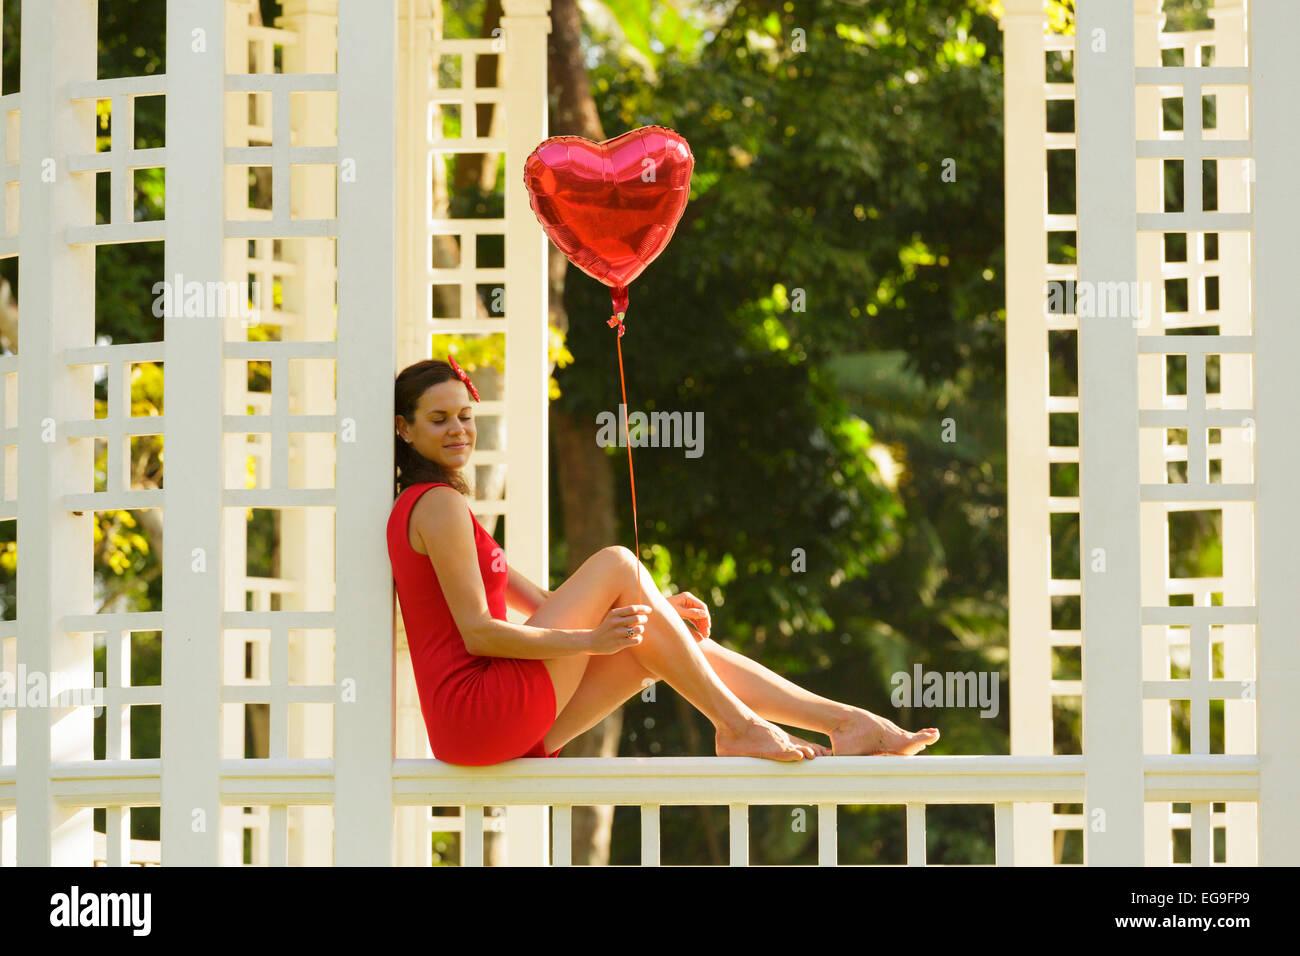 Femme avec ballon en forme de coeur rouge assis sur banc de parc Photo Stock